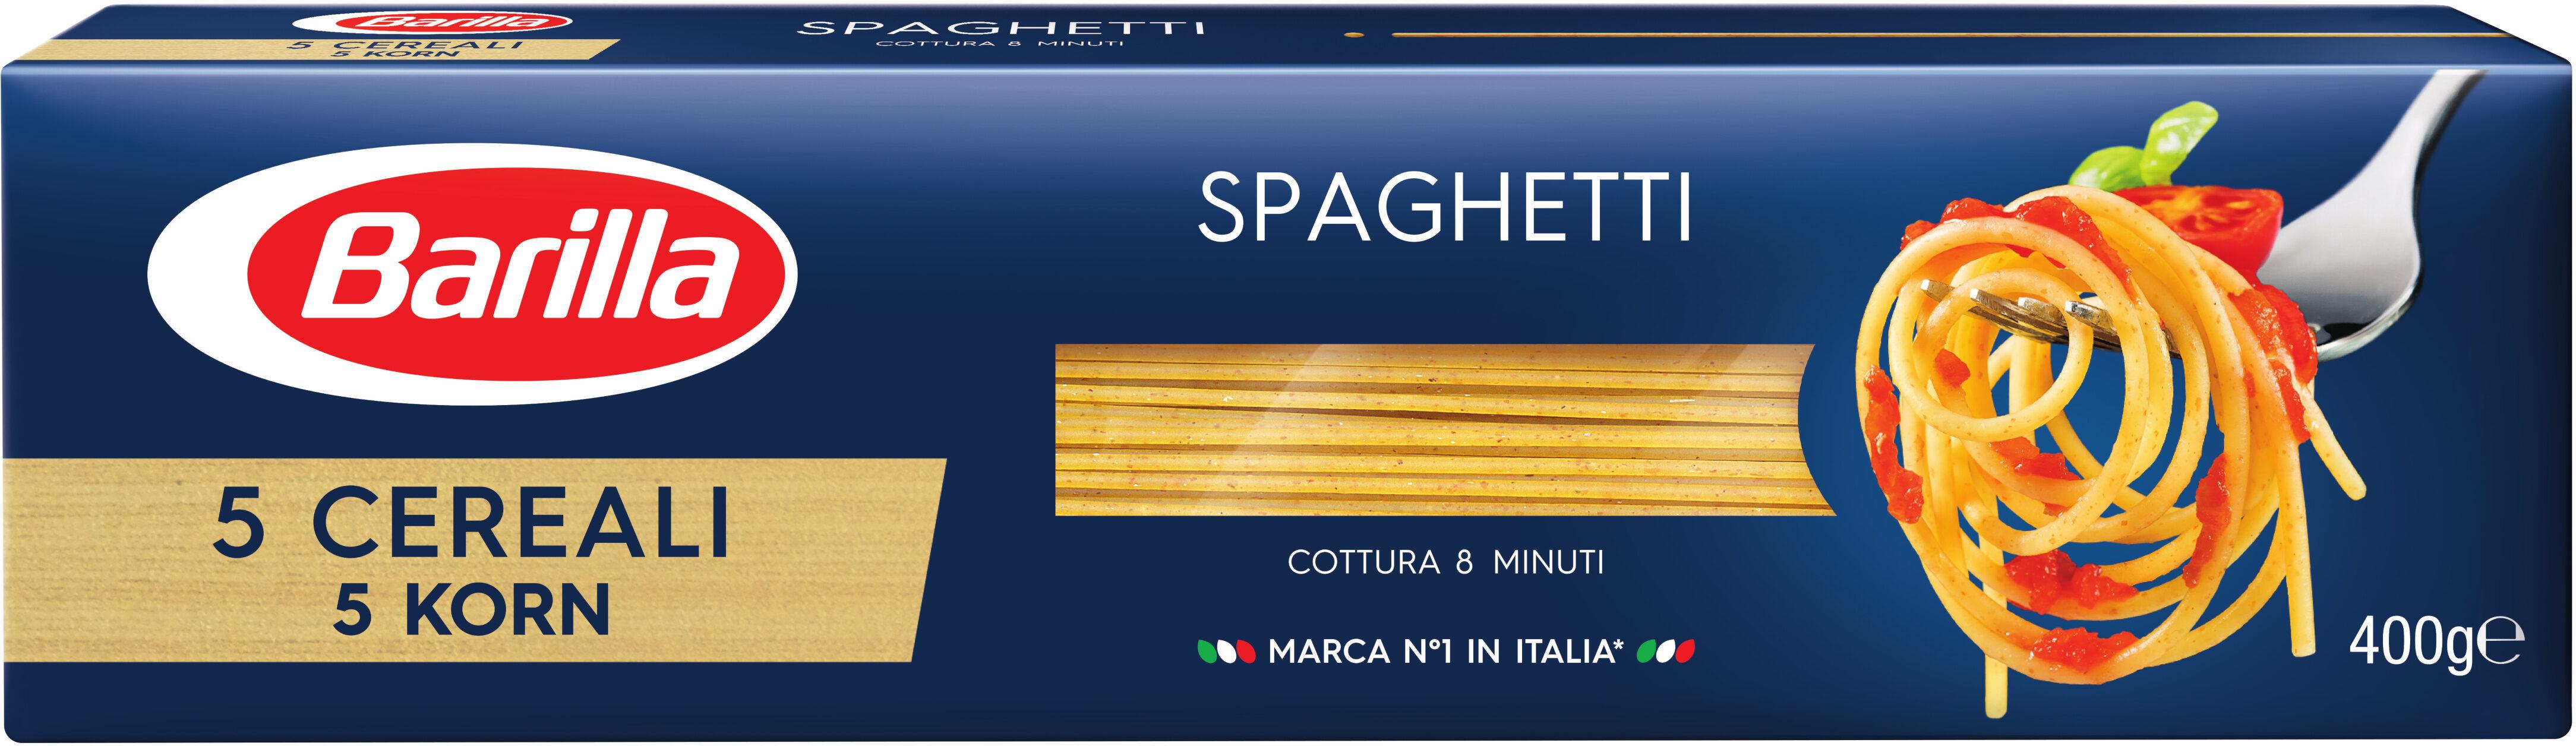 Spaghetti 5 céréales - Produit